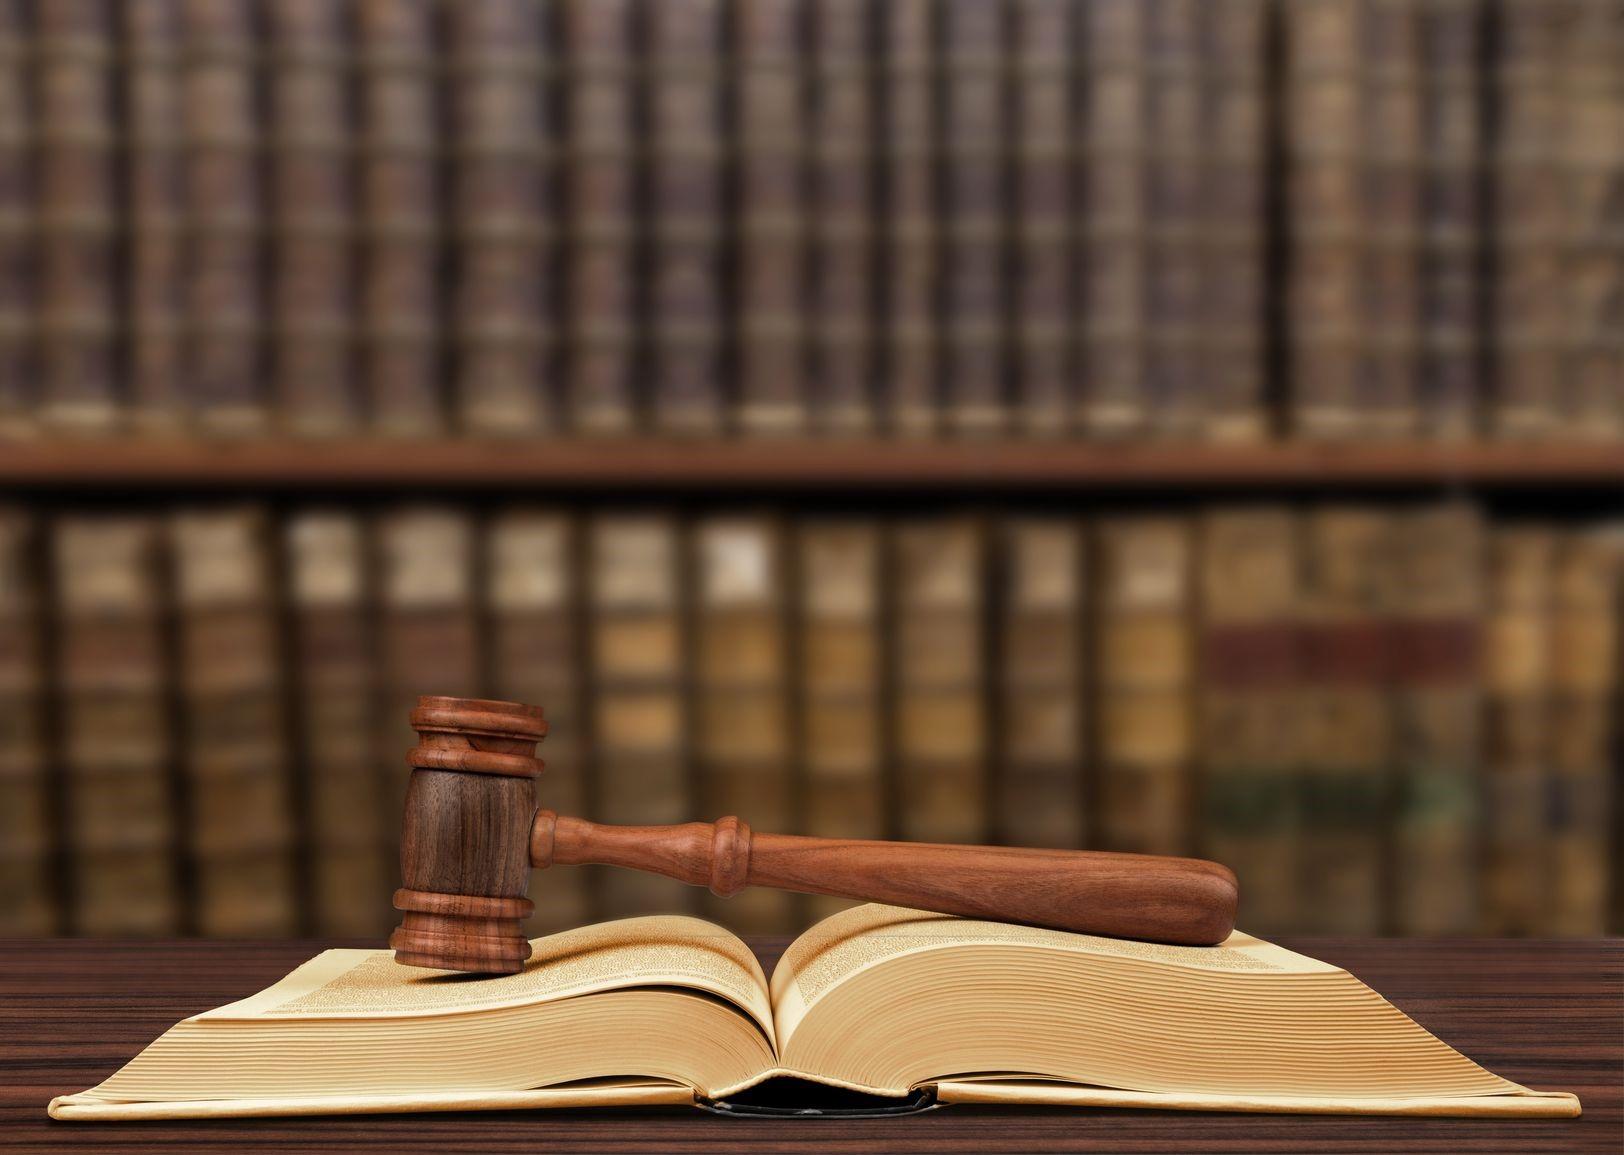 وکیل متخصص دیوان عدالت اداری چه ویژگی هایی دارد؟